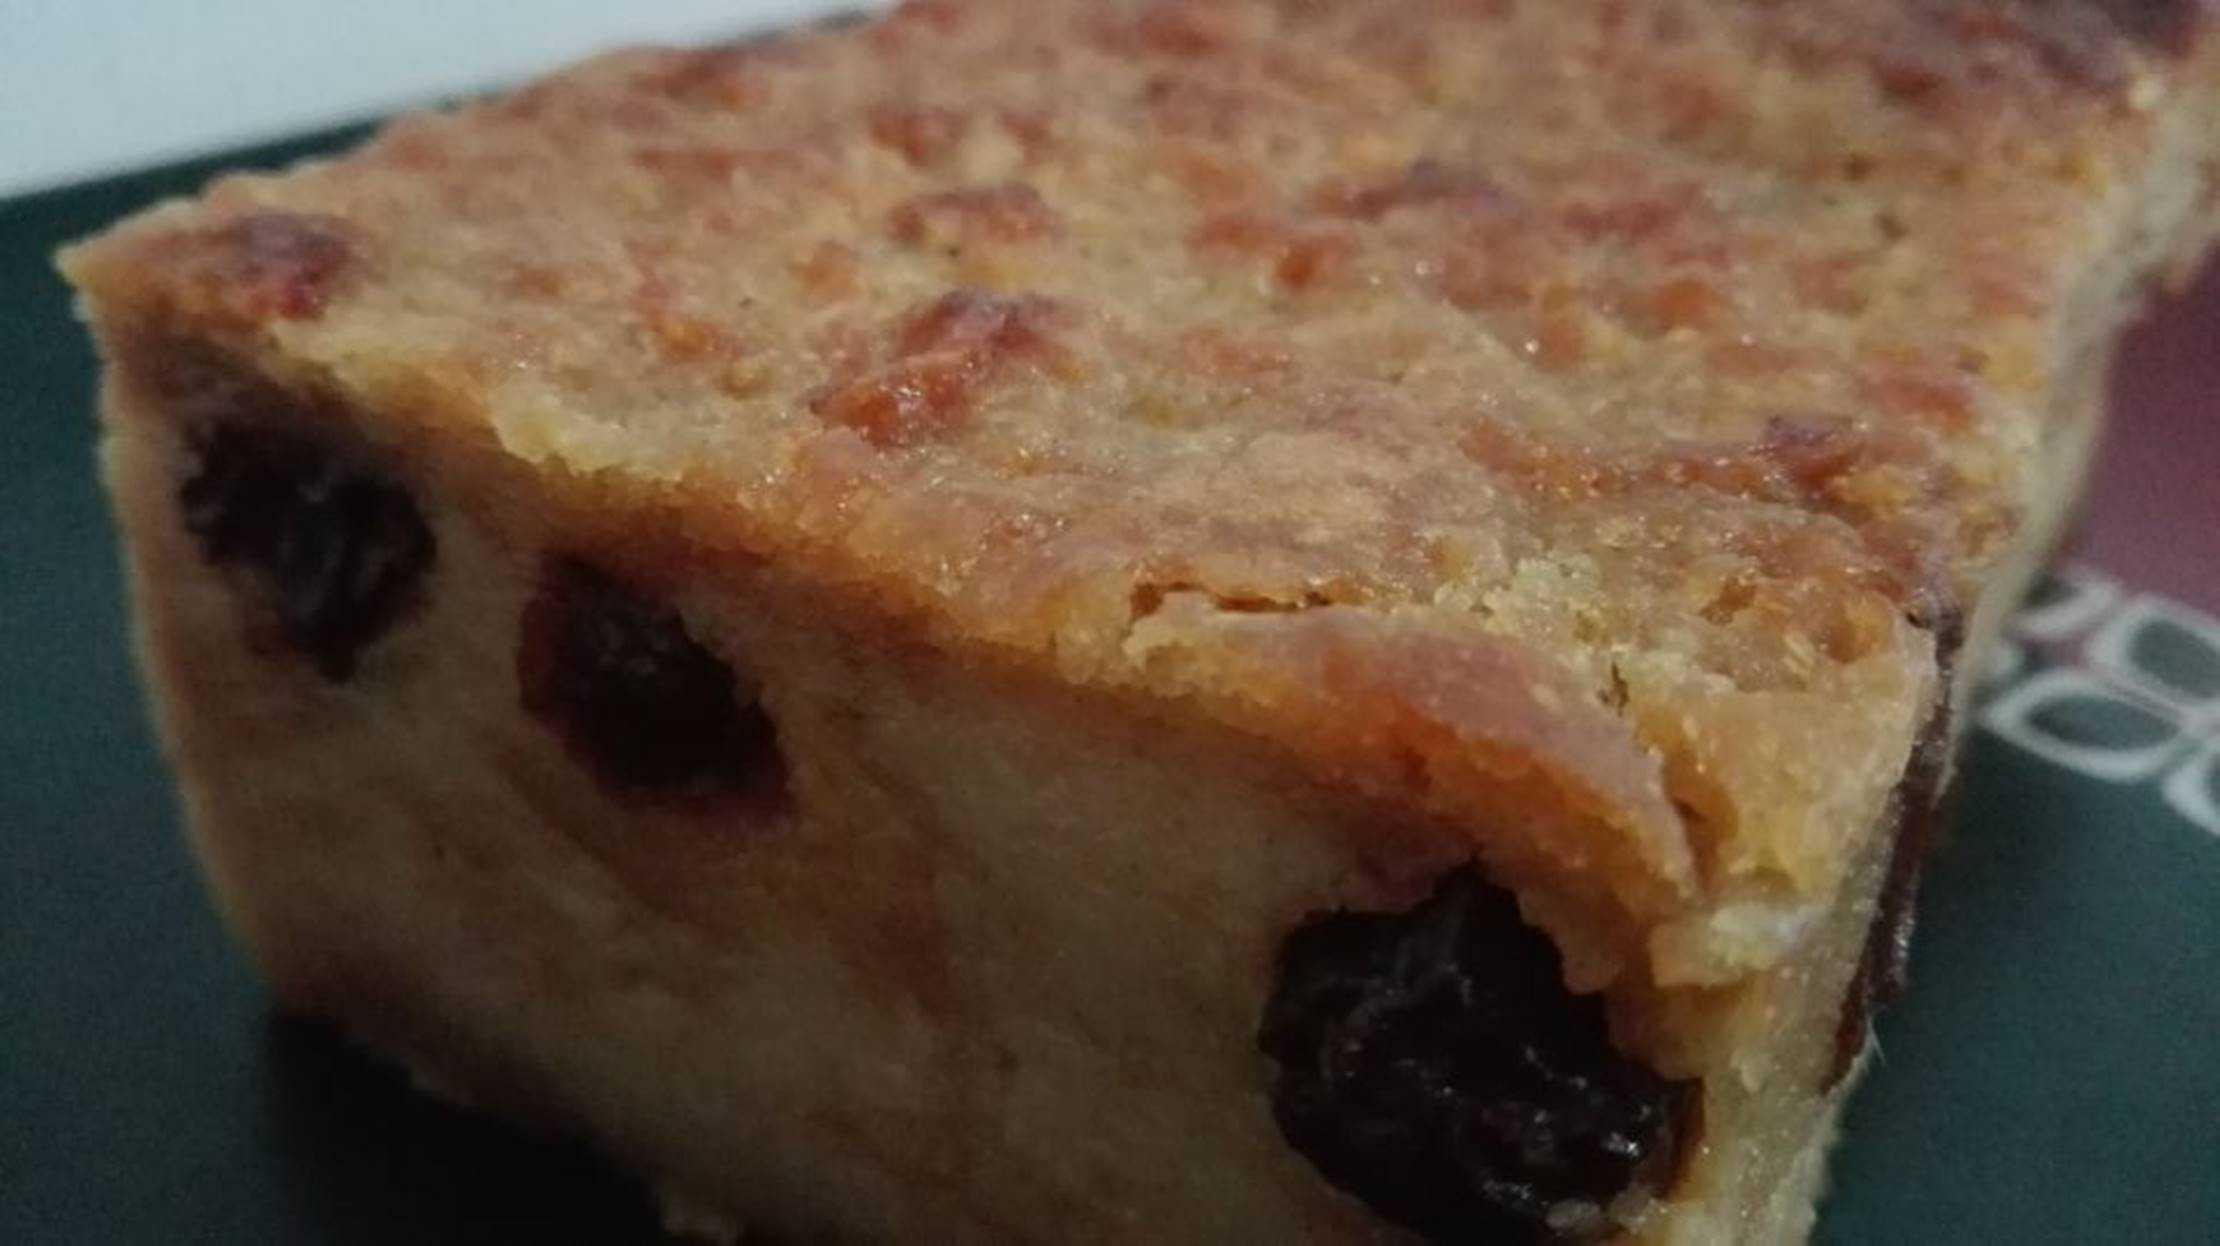 Pudim de fatia de pão no microondas em 5 minutos uma gostosura que só